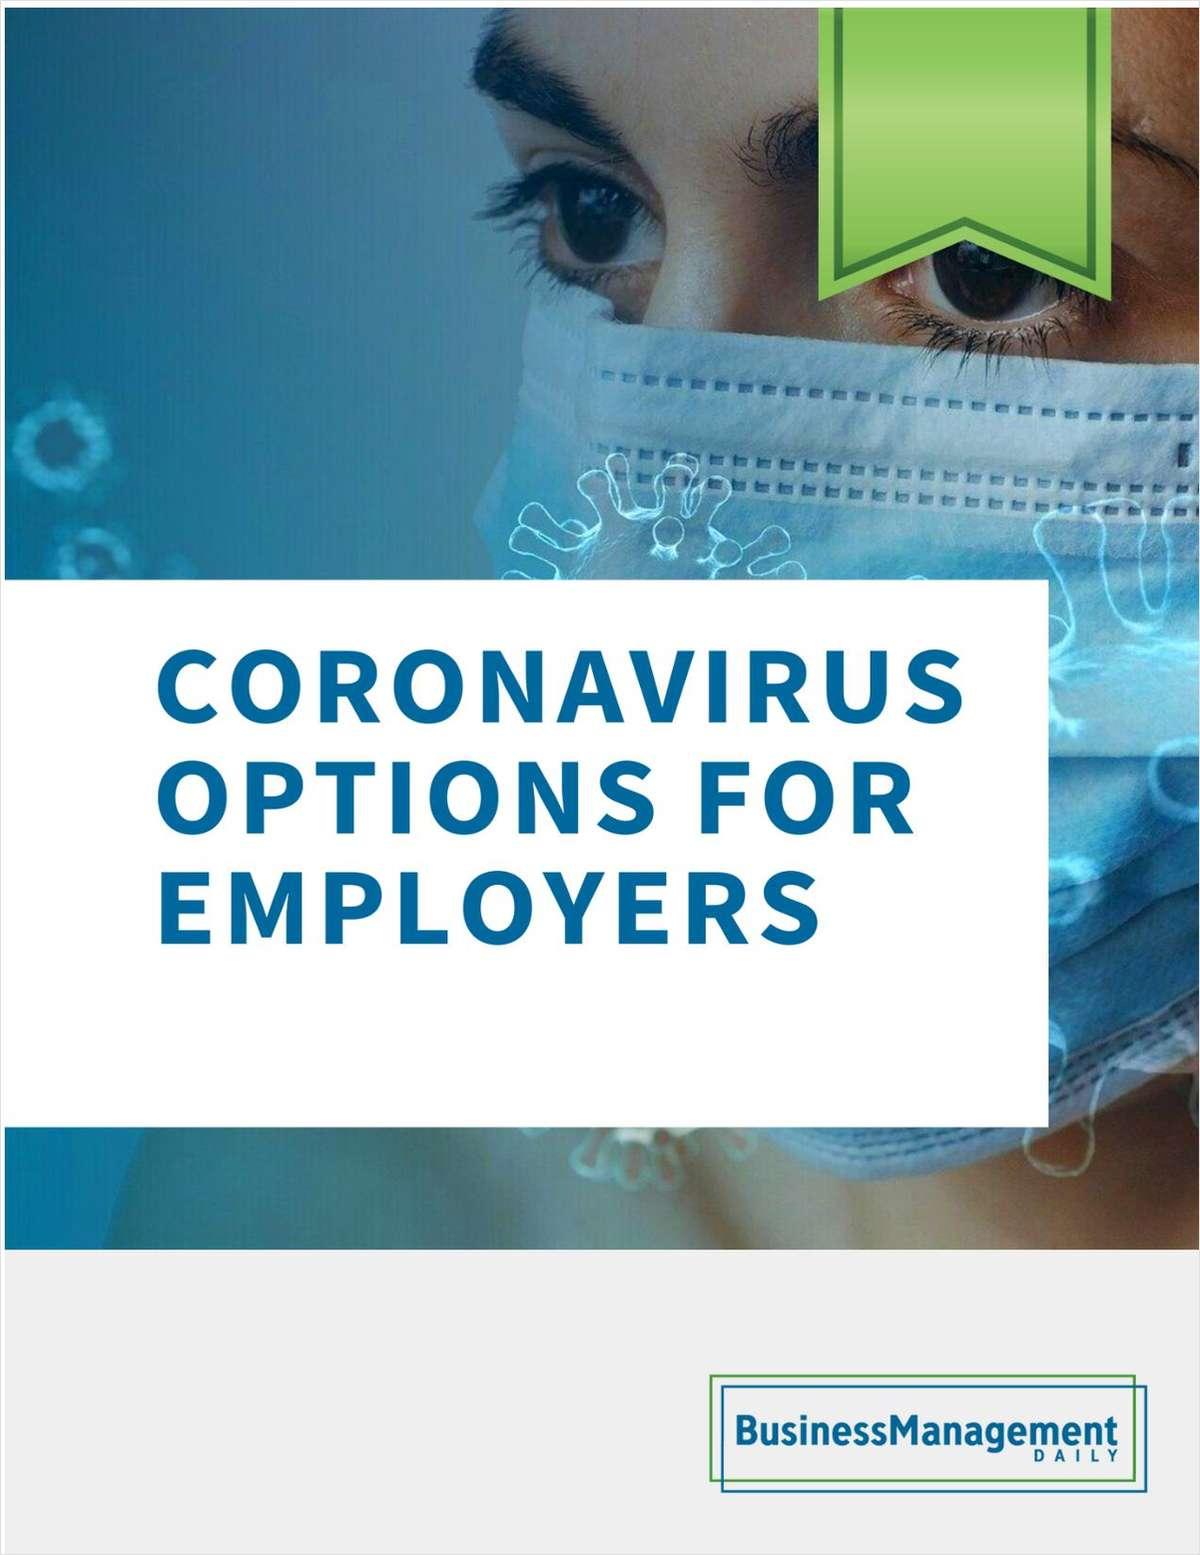 Coronavirus Options for Employers